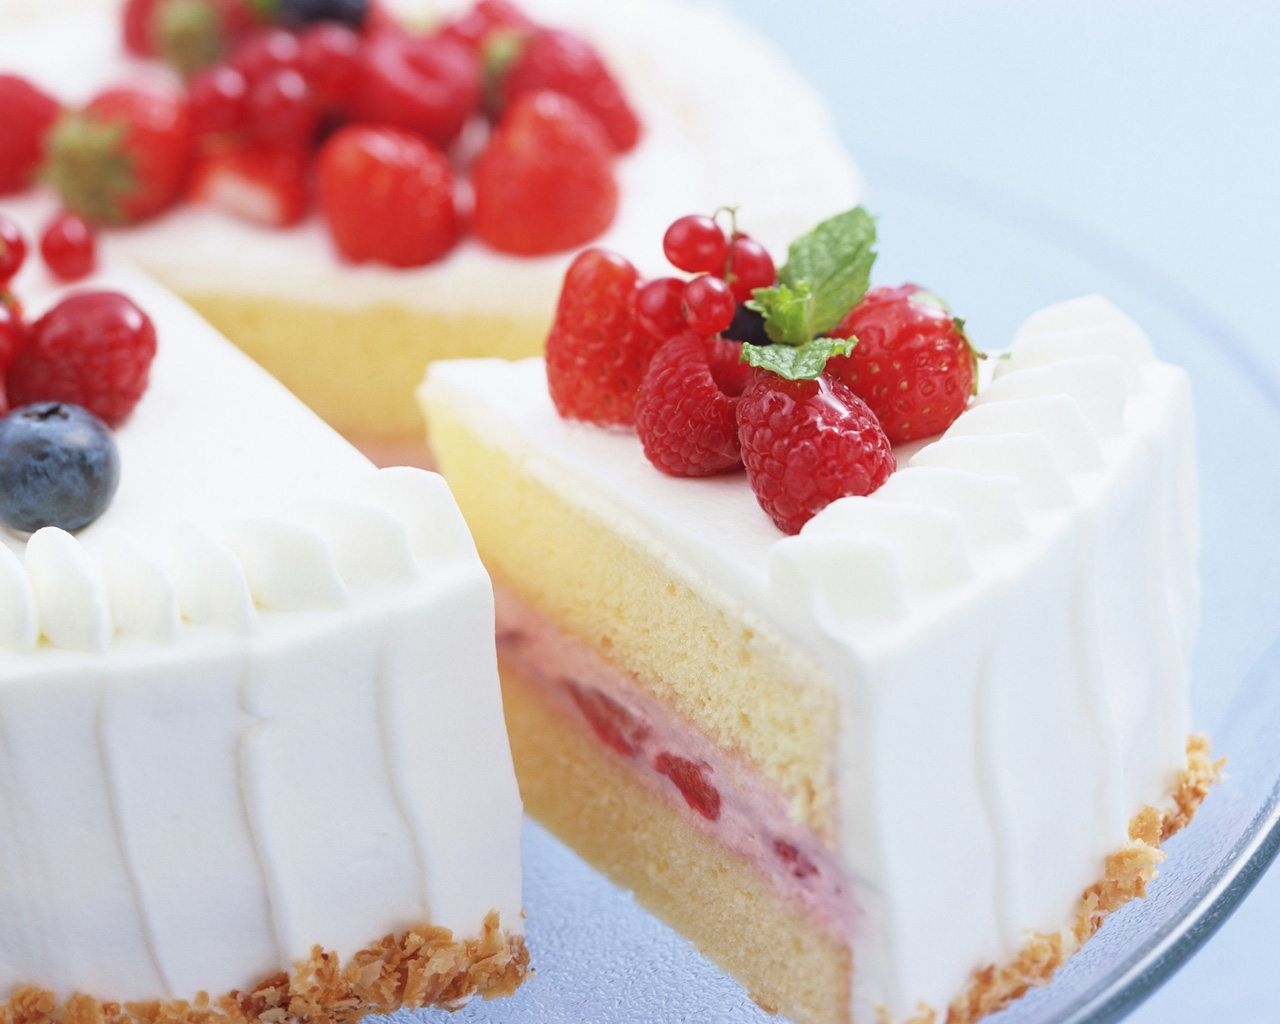 Крем для тортов дома своими руками